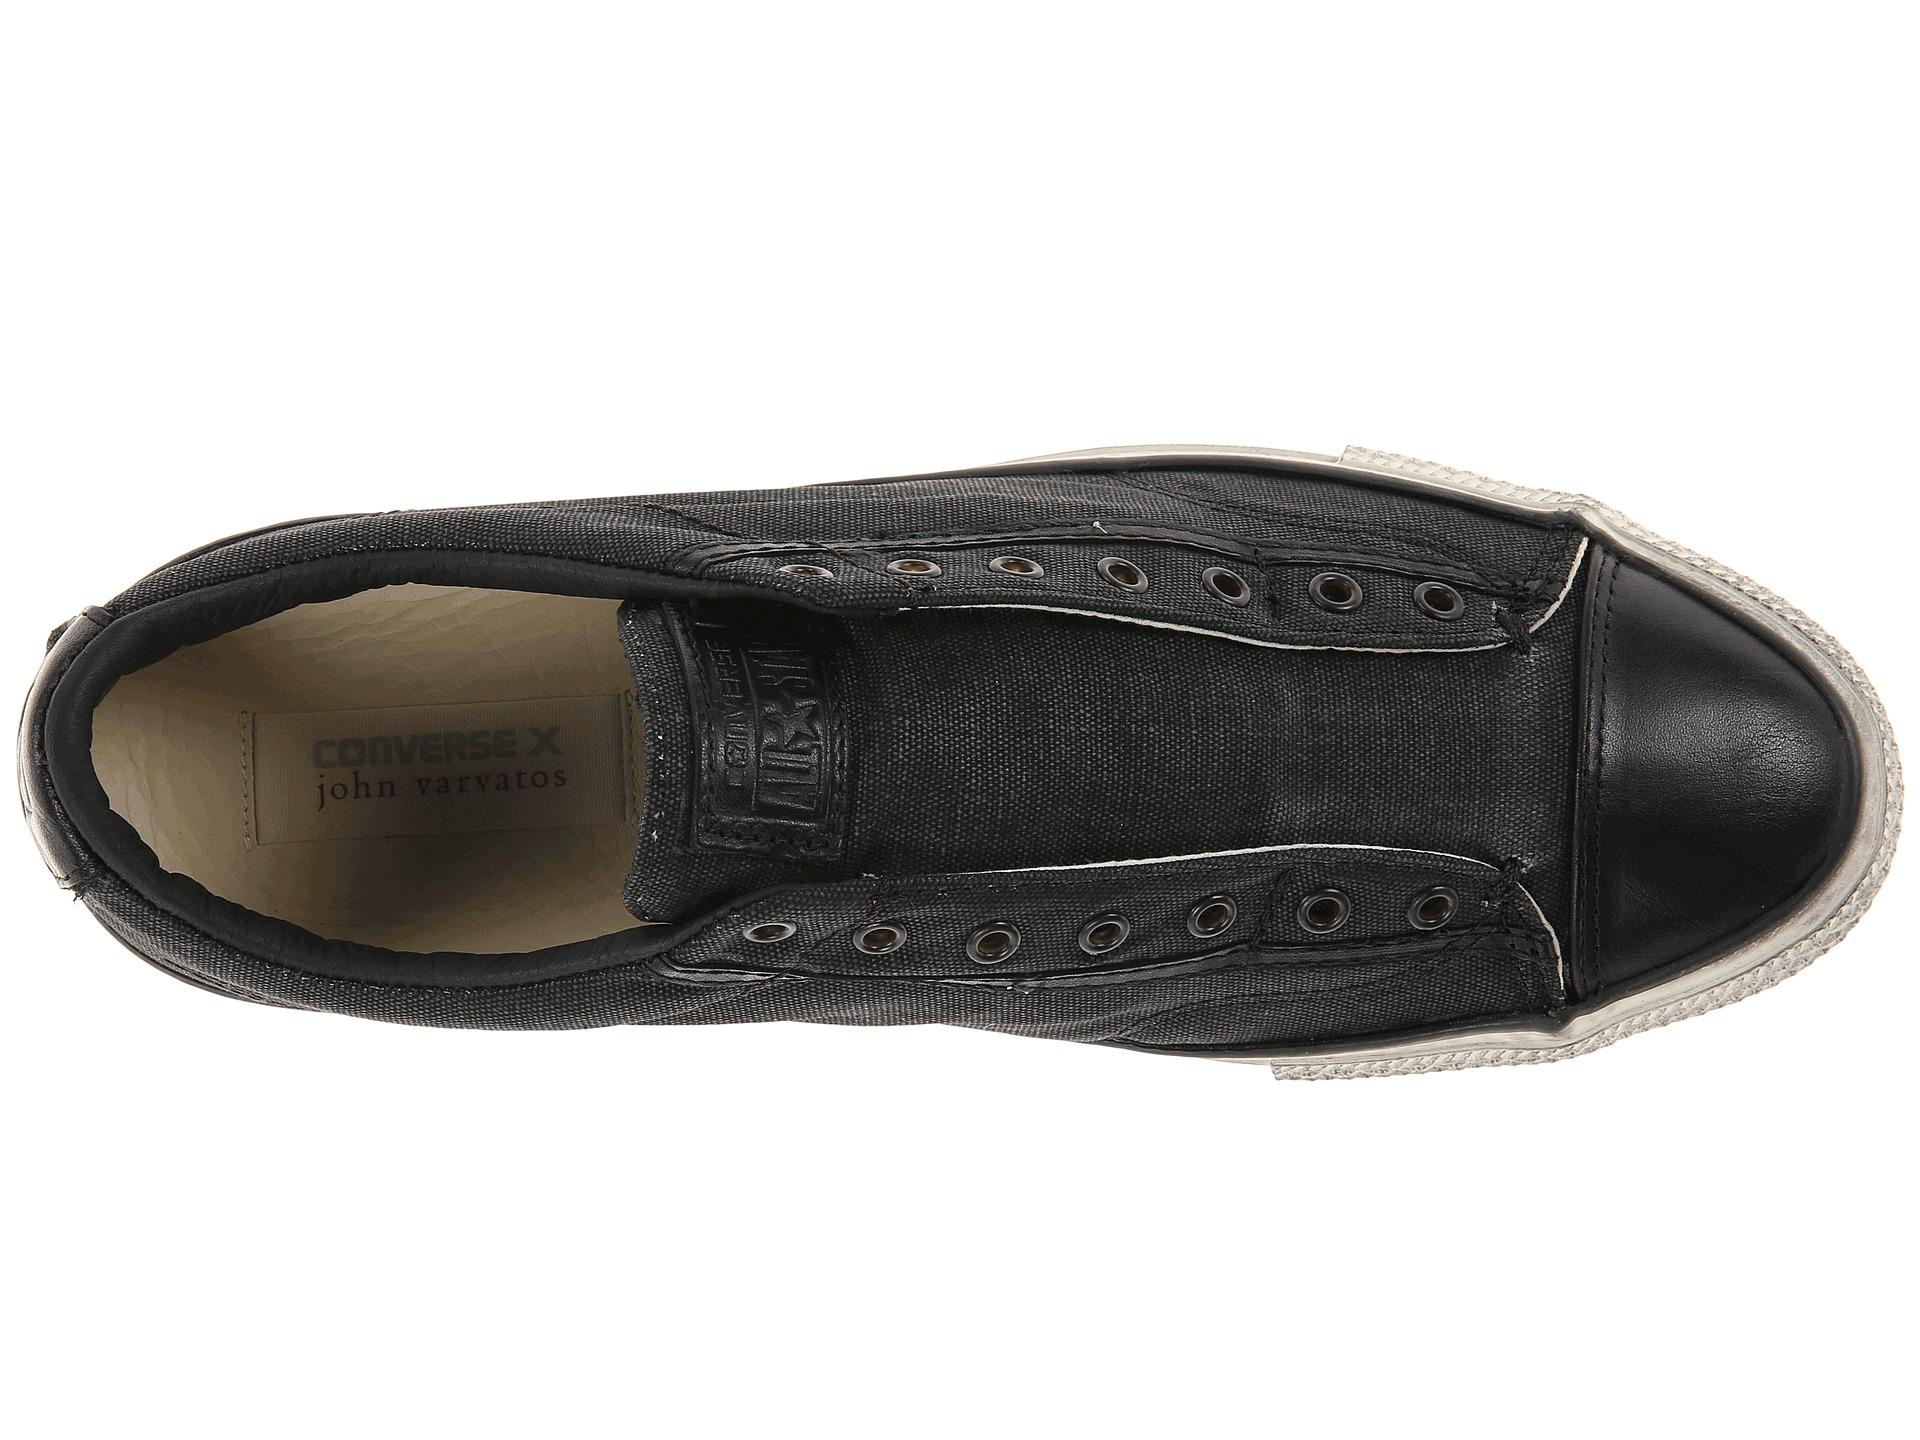 John Varvatos Shoe Size Chart